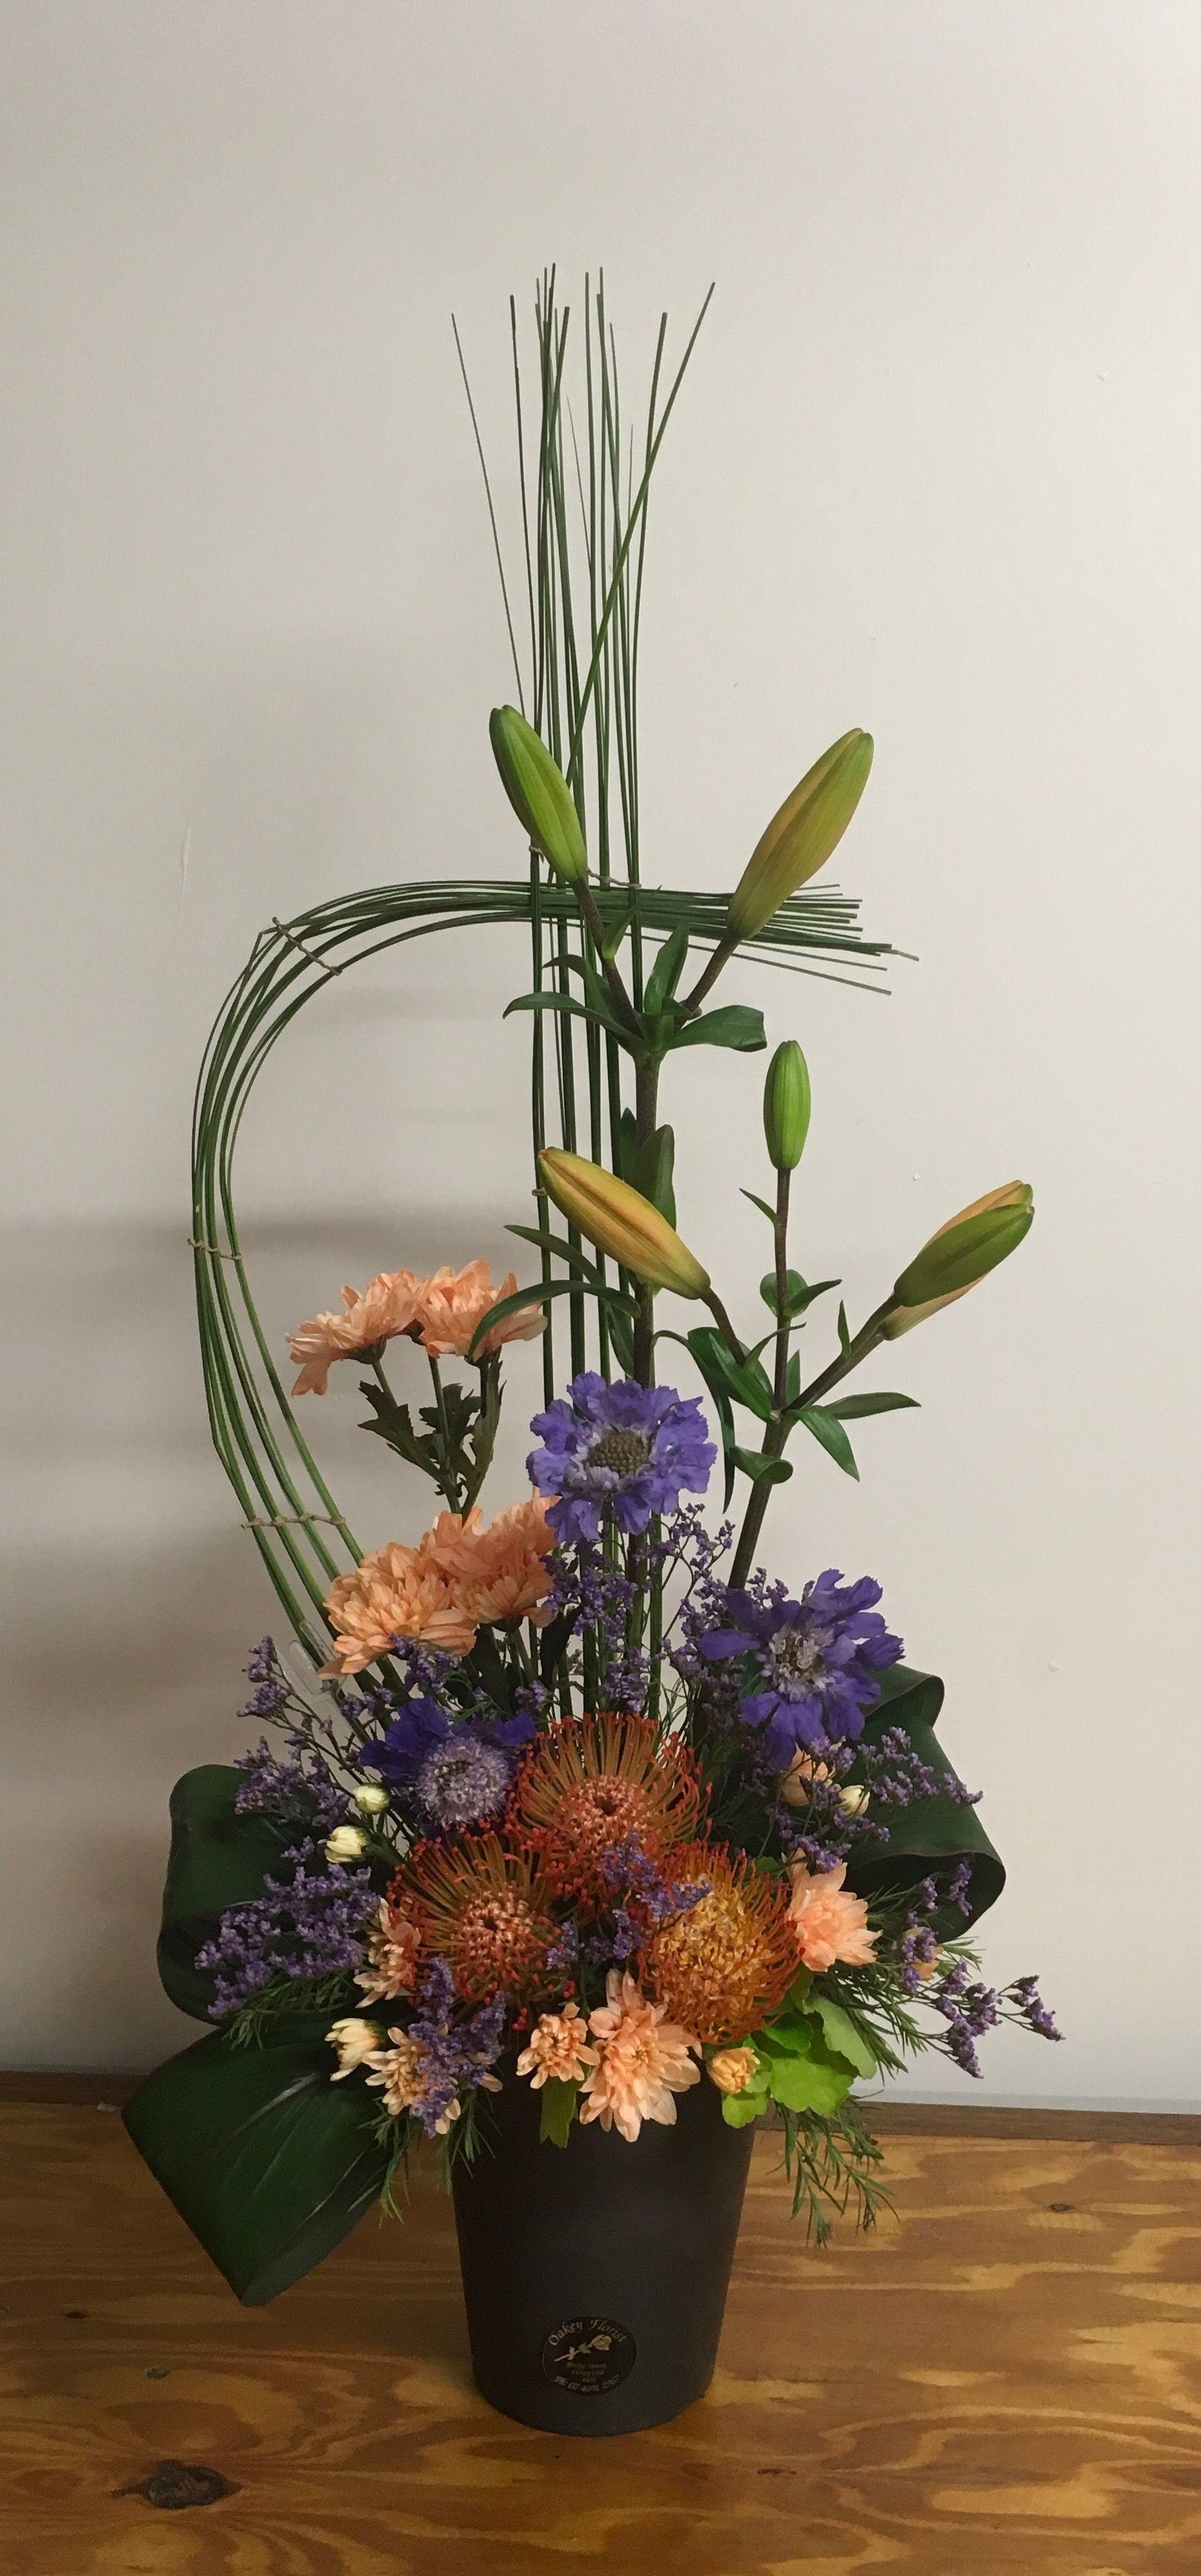 Pin von Angelika Brockenhex auf Blumendeko | Pinterest | Blumendeko